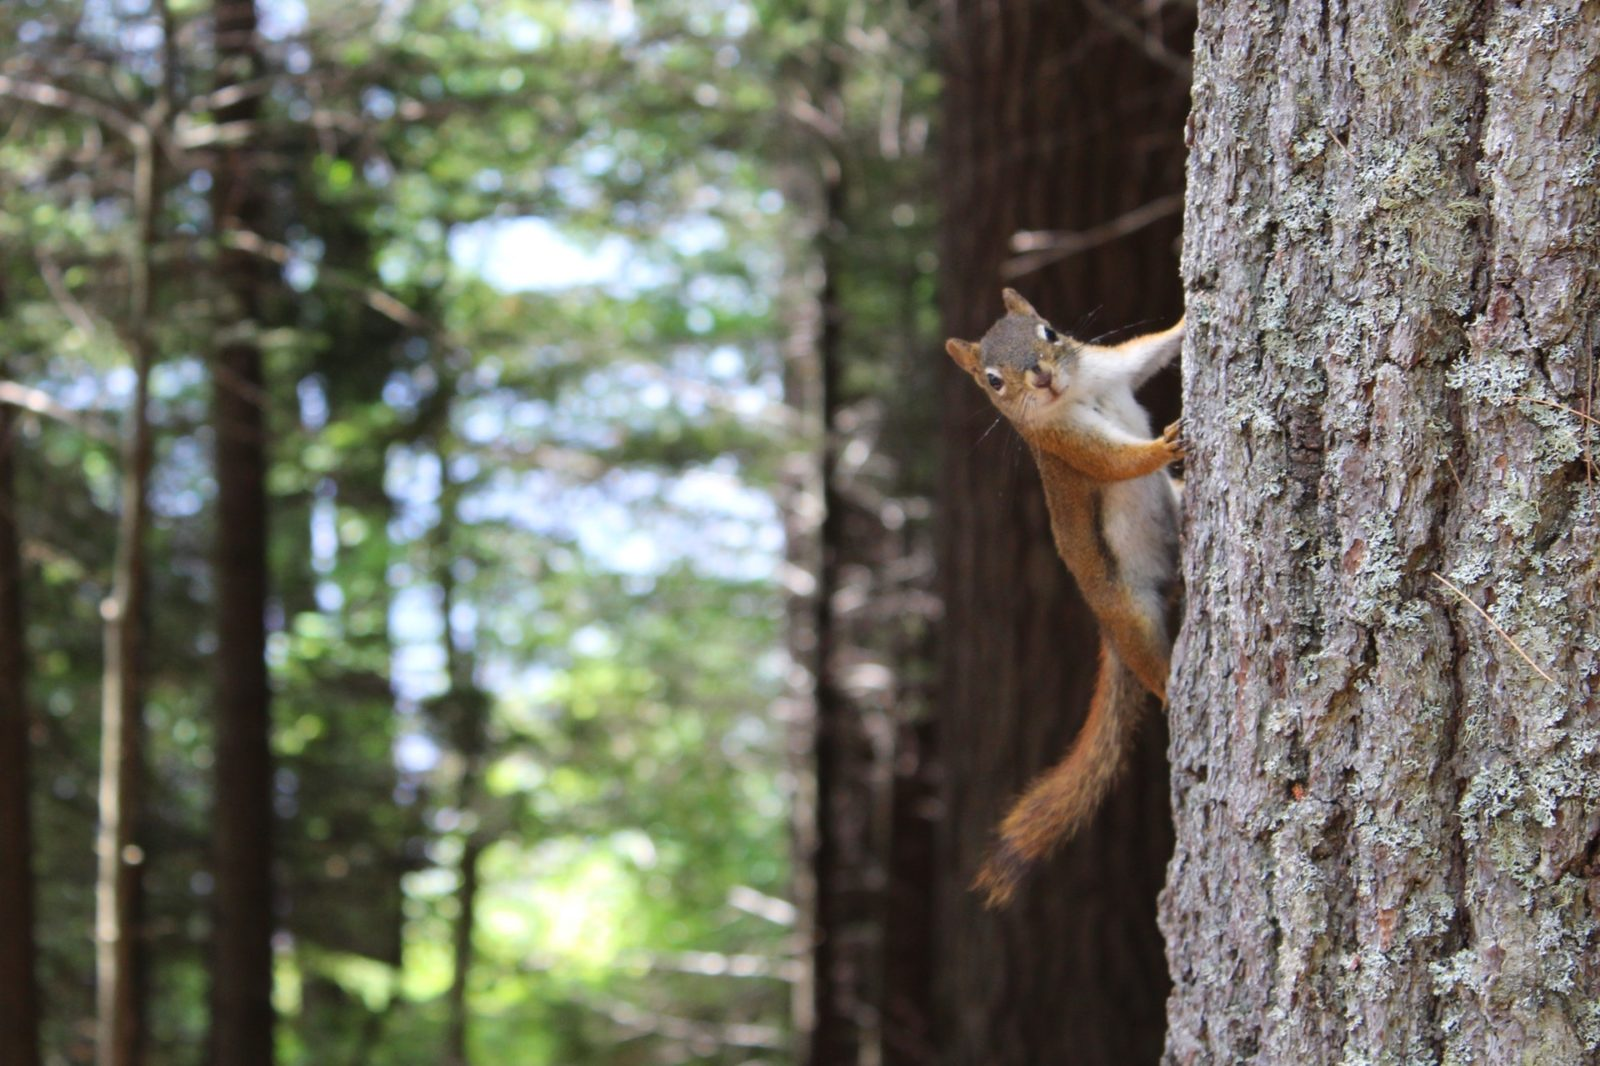 Sonhar que mata um esquilo simboliza mudanças positivas na sua vida